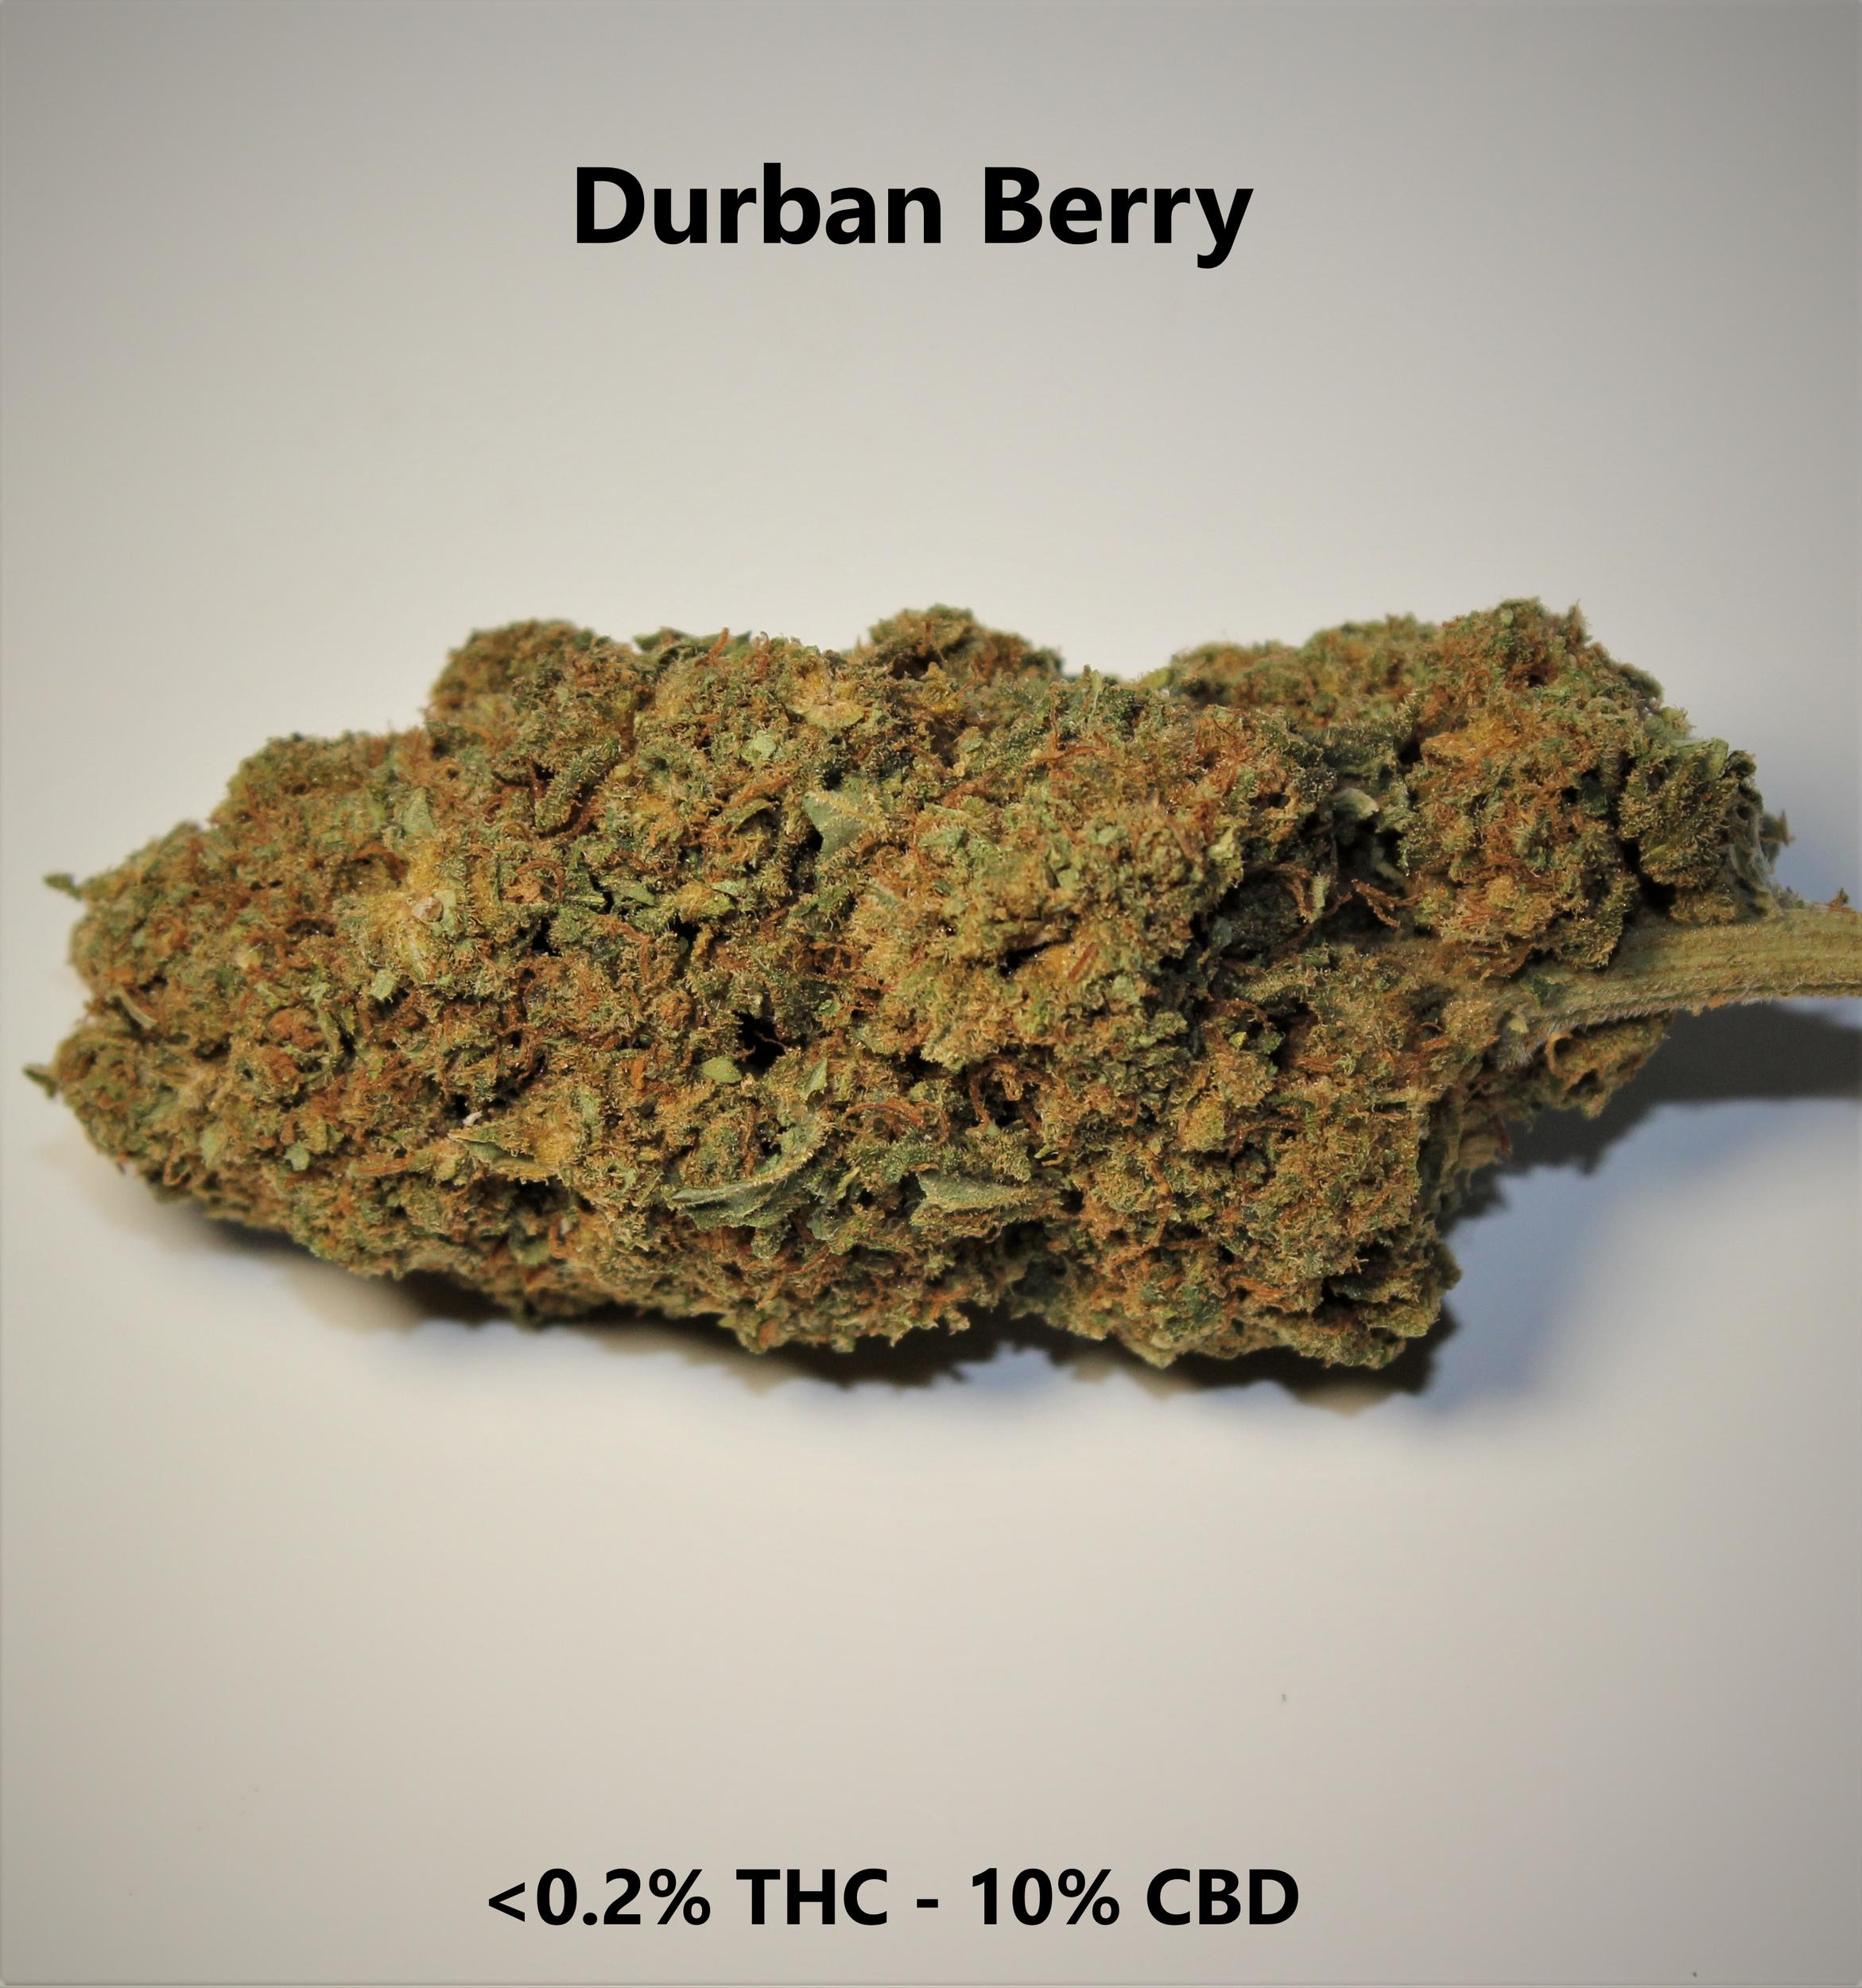 Durbanberry